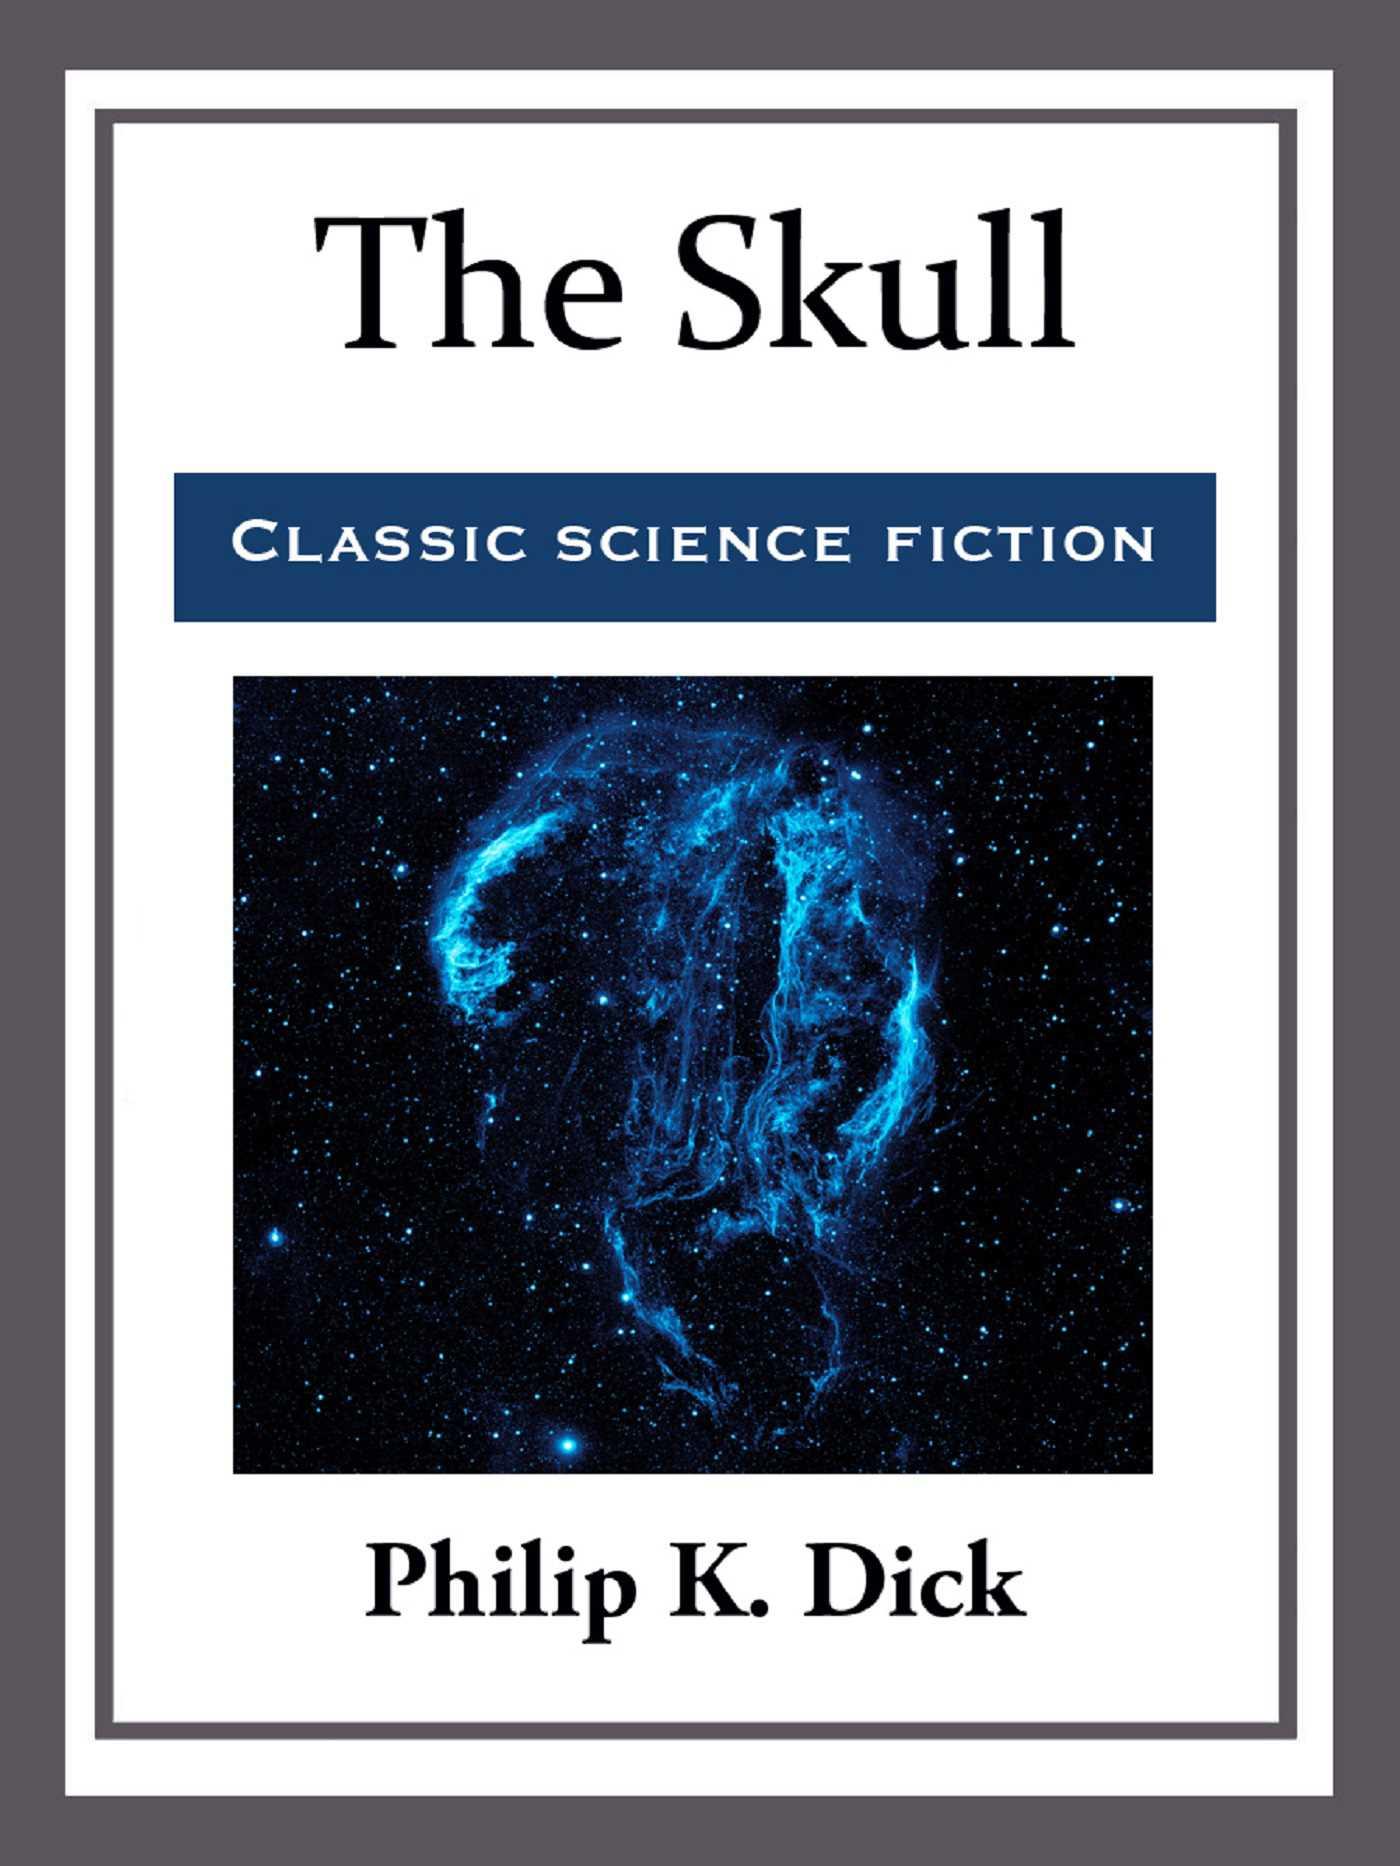 The skull 9781681463728 hr